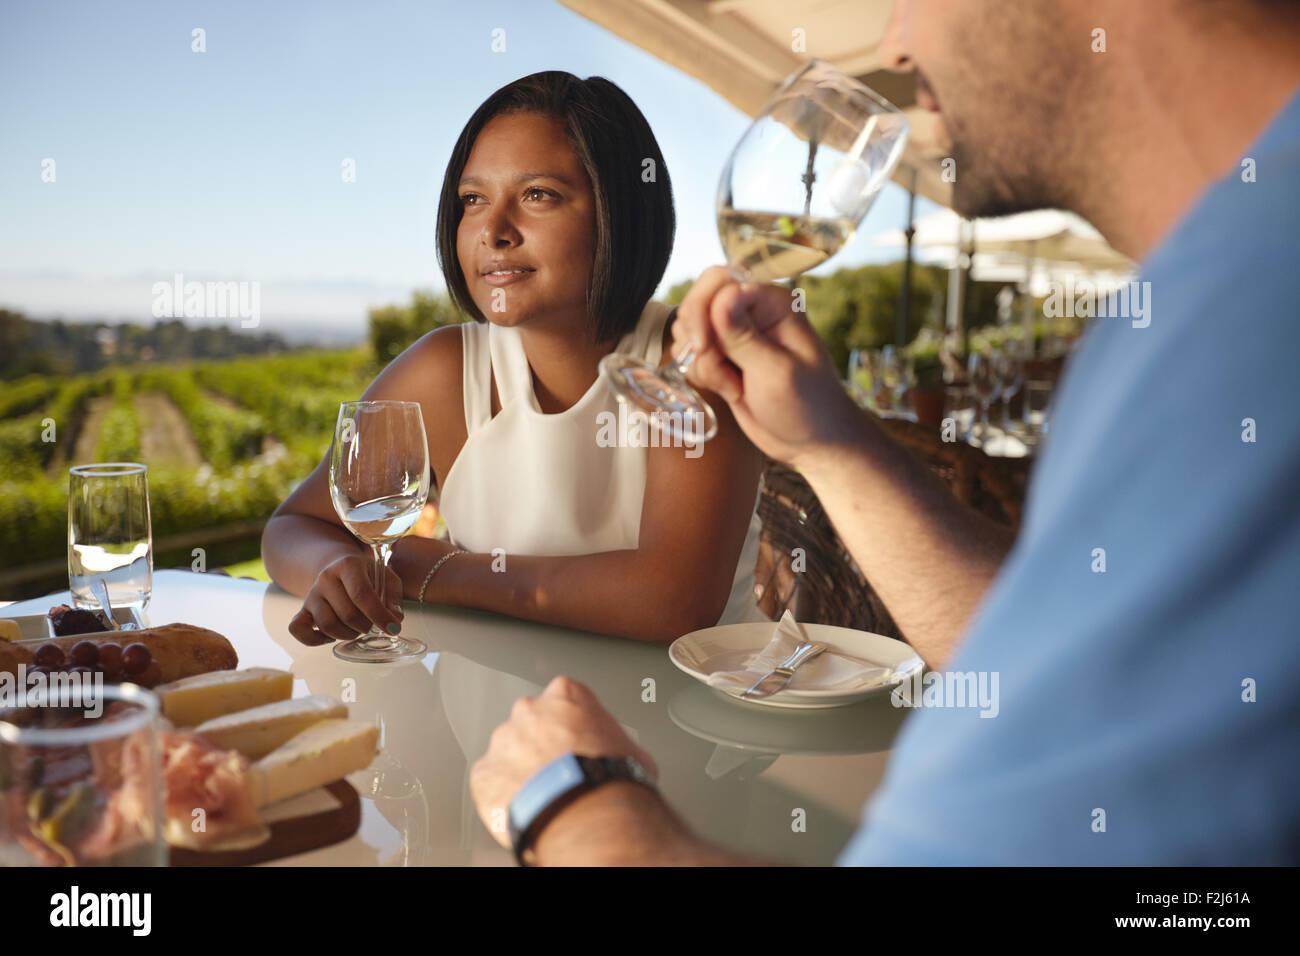 Jeune femme avec un homme de boire du vin. Couple en vacances dans l'air extérieur restaurant bar à vins d'un vignoble. Banque D'Images